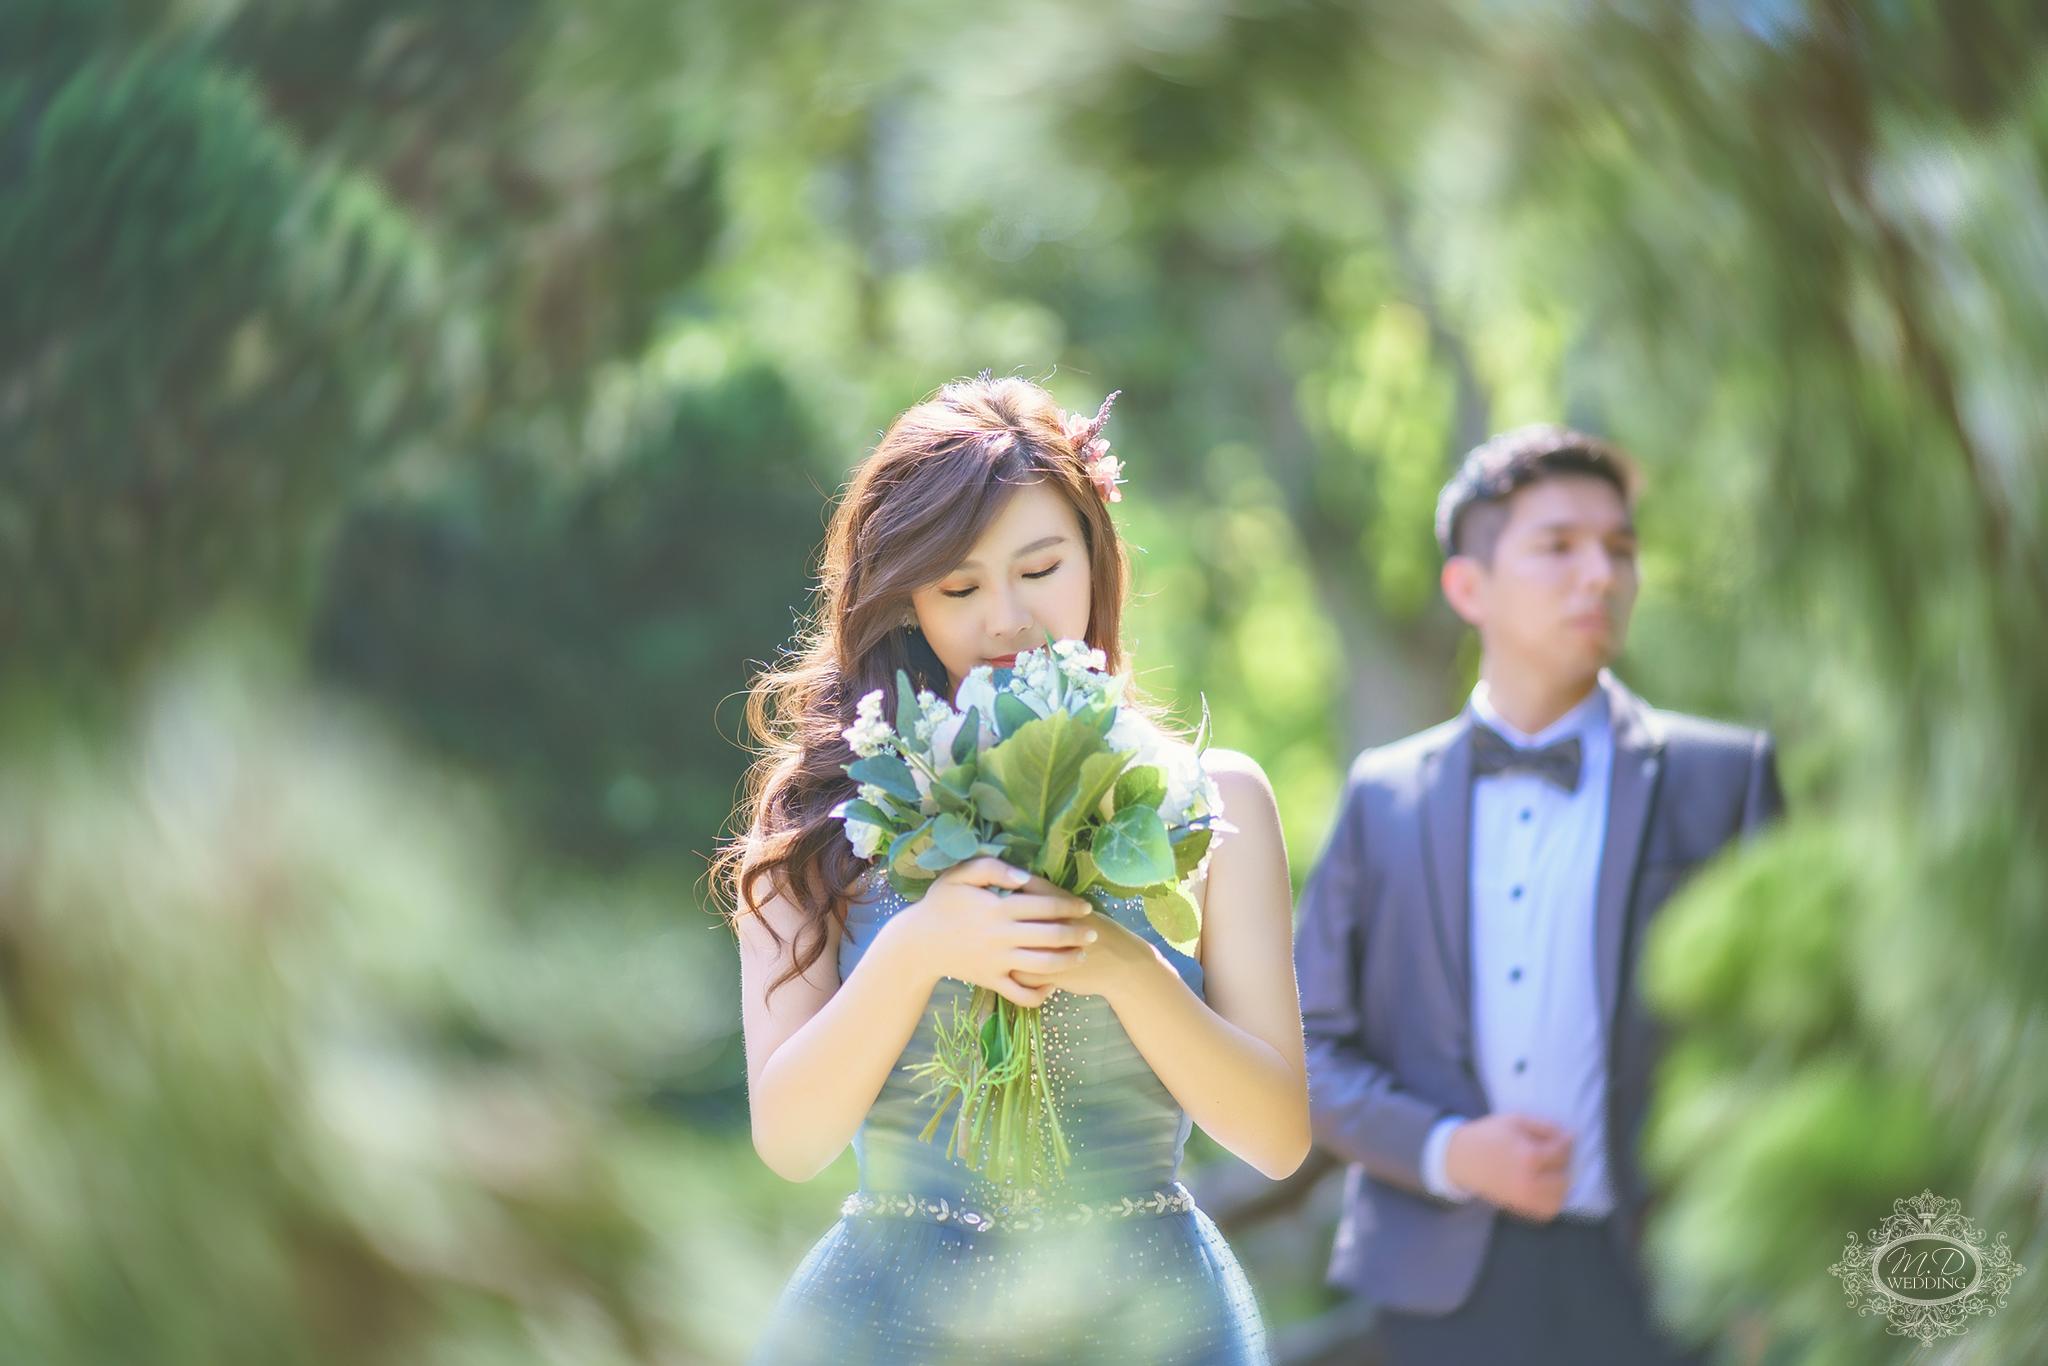 國內婚紗 浪漫風格 森林溪水 海邊黃昏婚紗 陽明山 大同大學婚紗 台北婚紗推薦